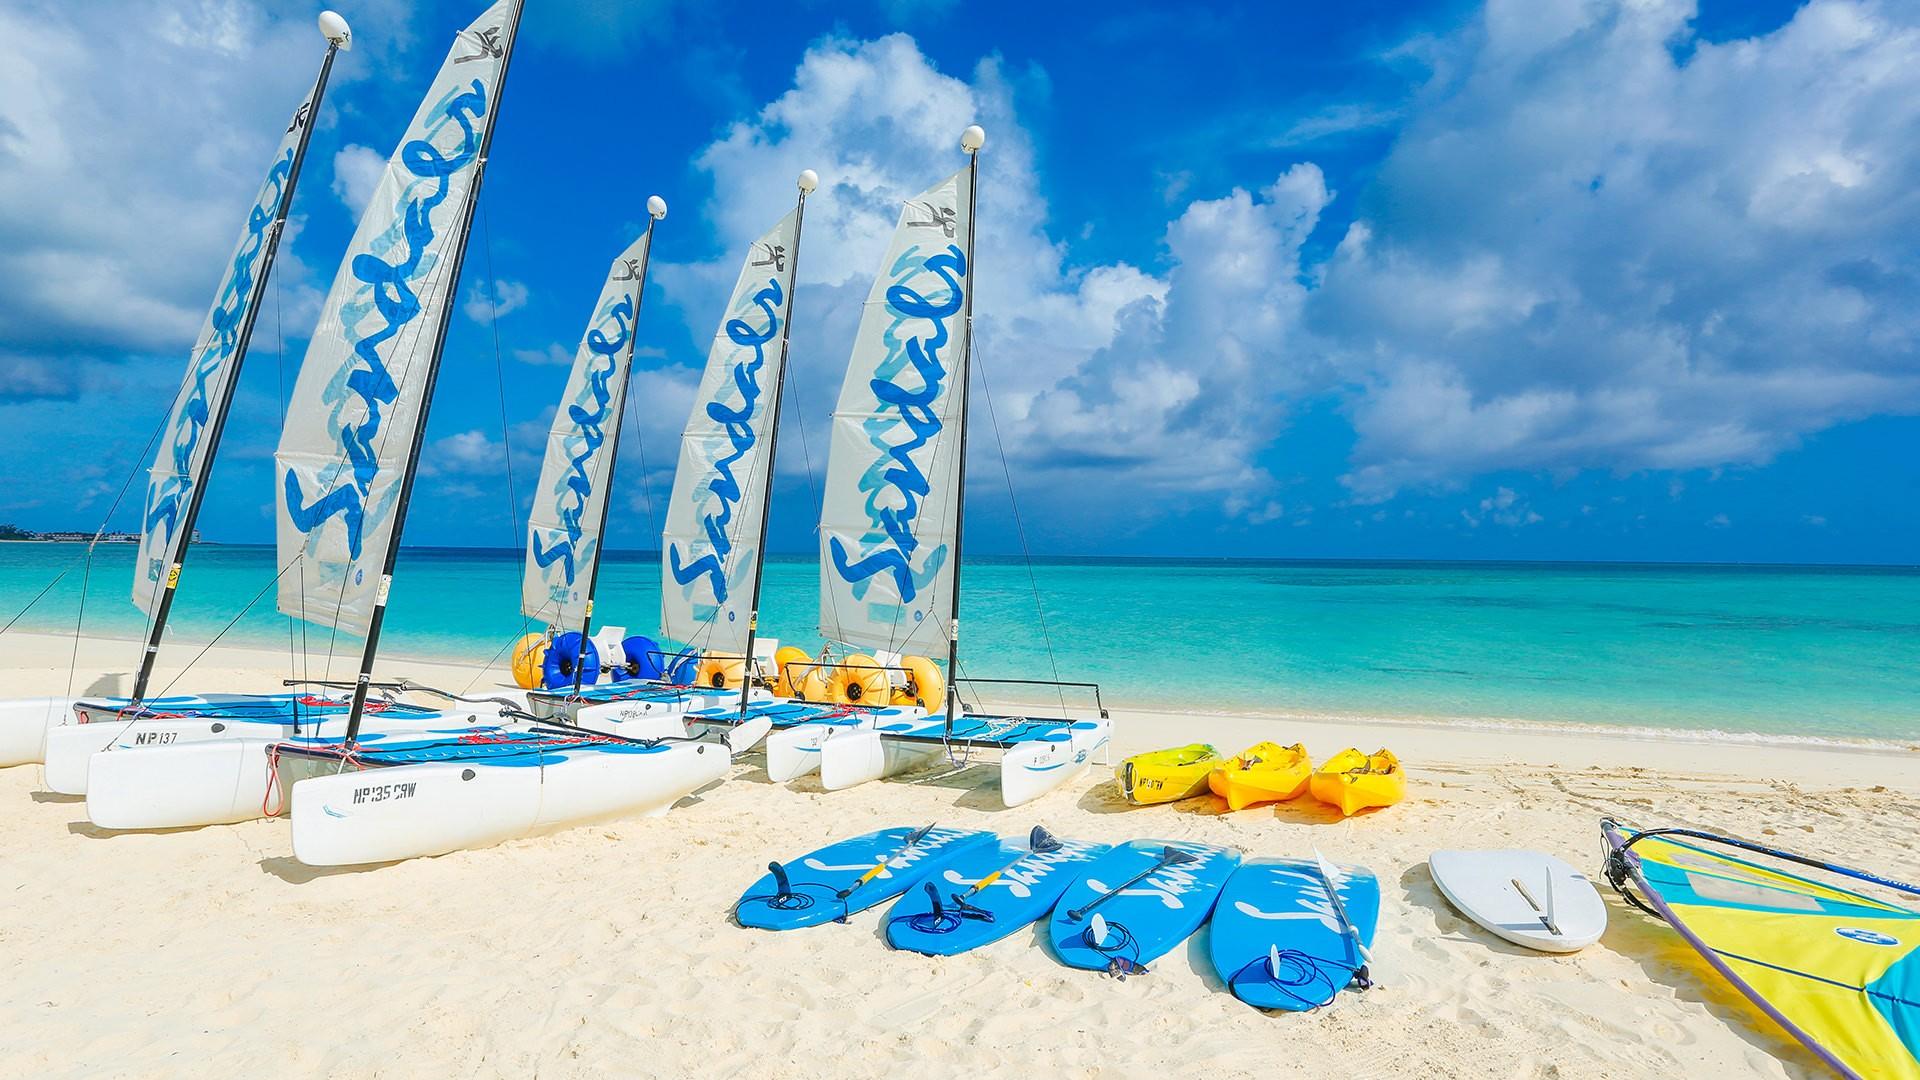 Sandals royal bahamian job application